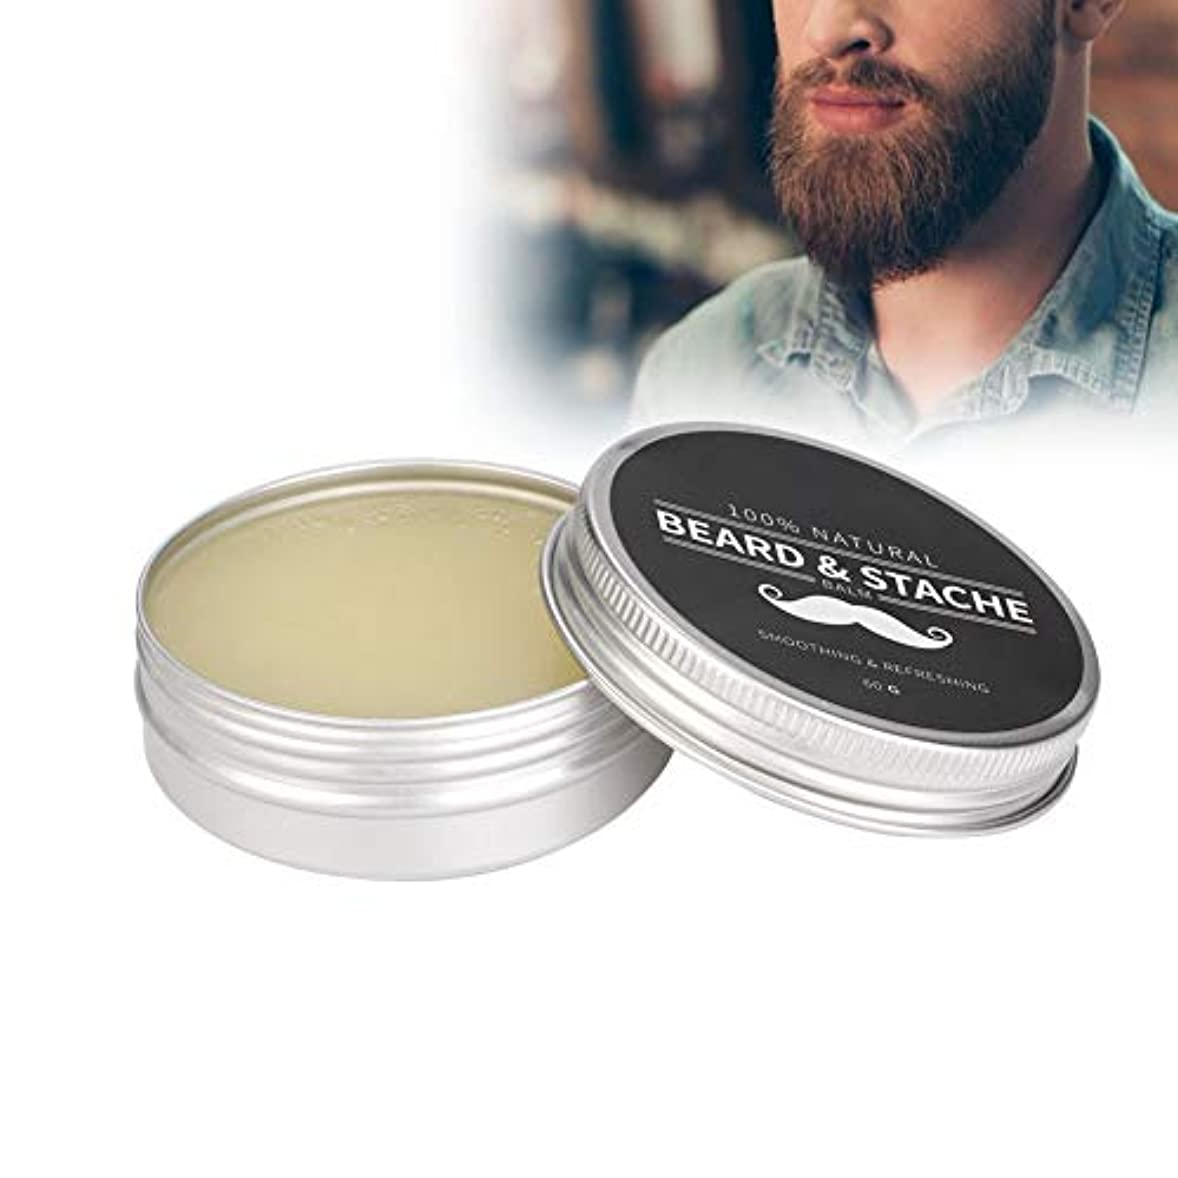 めまいがではごきげんようエレガントひげのワックス、保湿となめらかな柔軟剤口ひげのケアクリームは使用する男性のための分岐とひげの損失を防ぐのに役立ちます